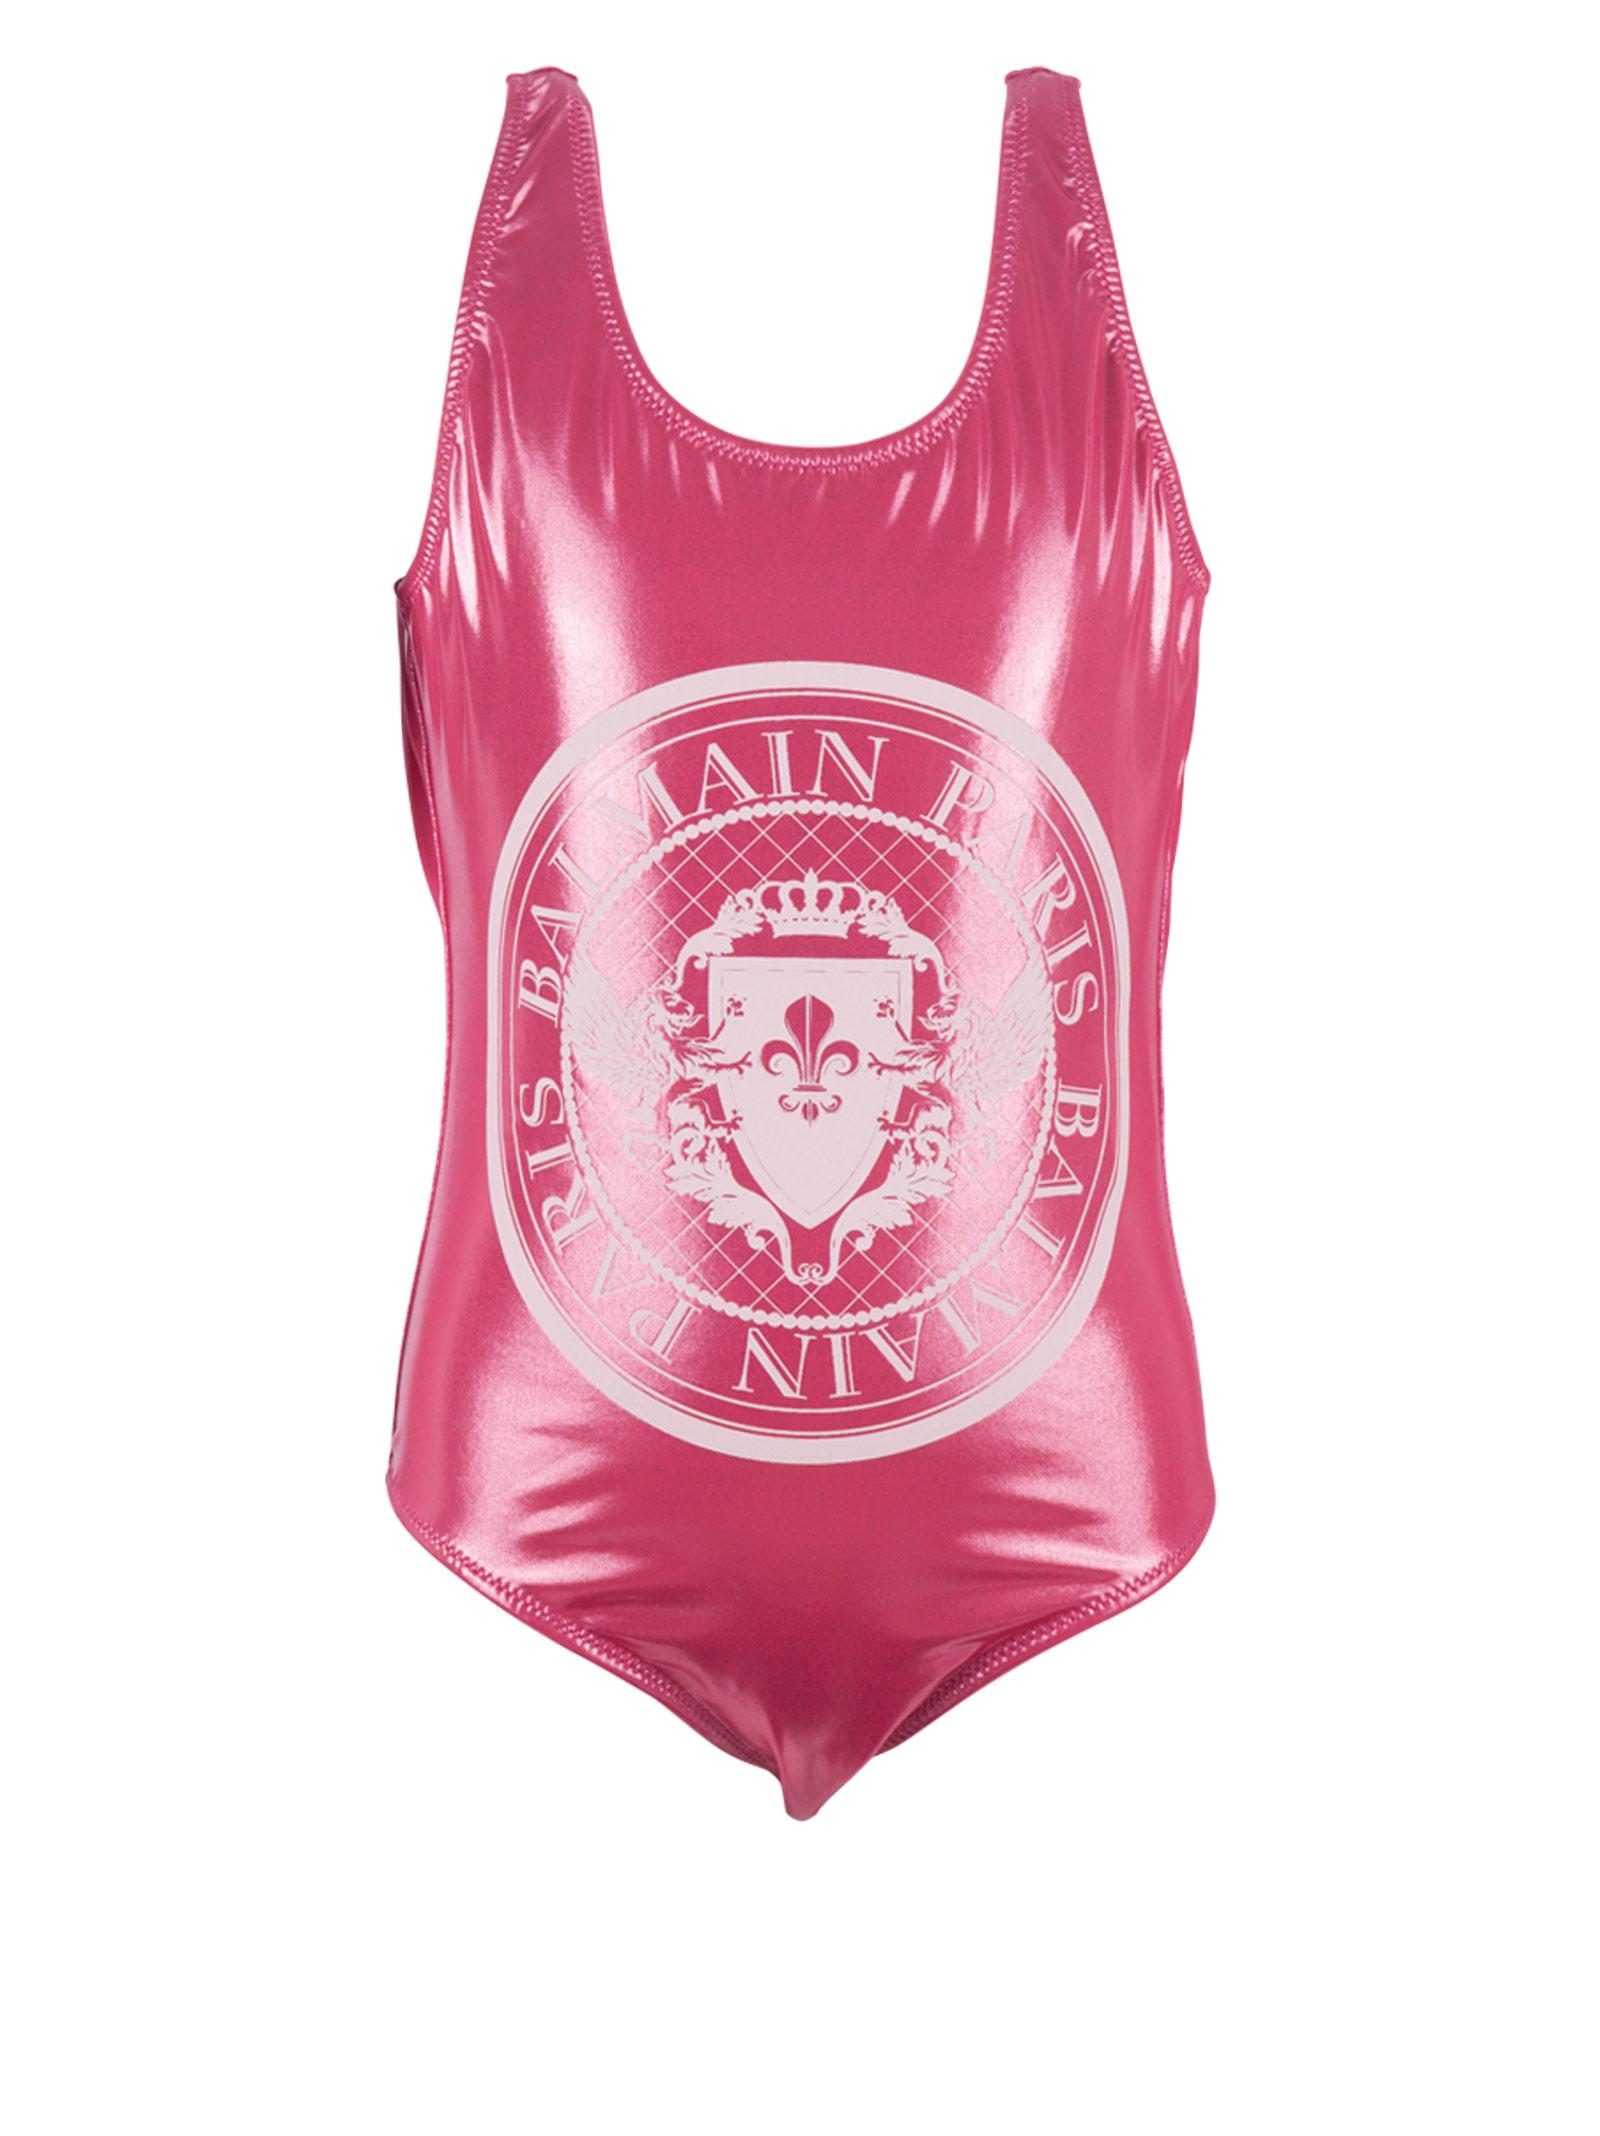 c86f42cfa0 Balmain Paris Kids swimsuit - BALMAIN PARIS KIDS - Michele Franzese Moda